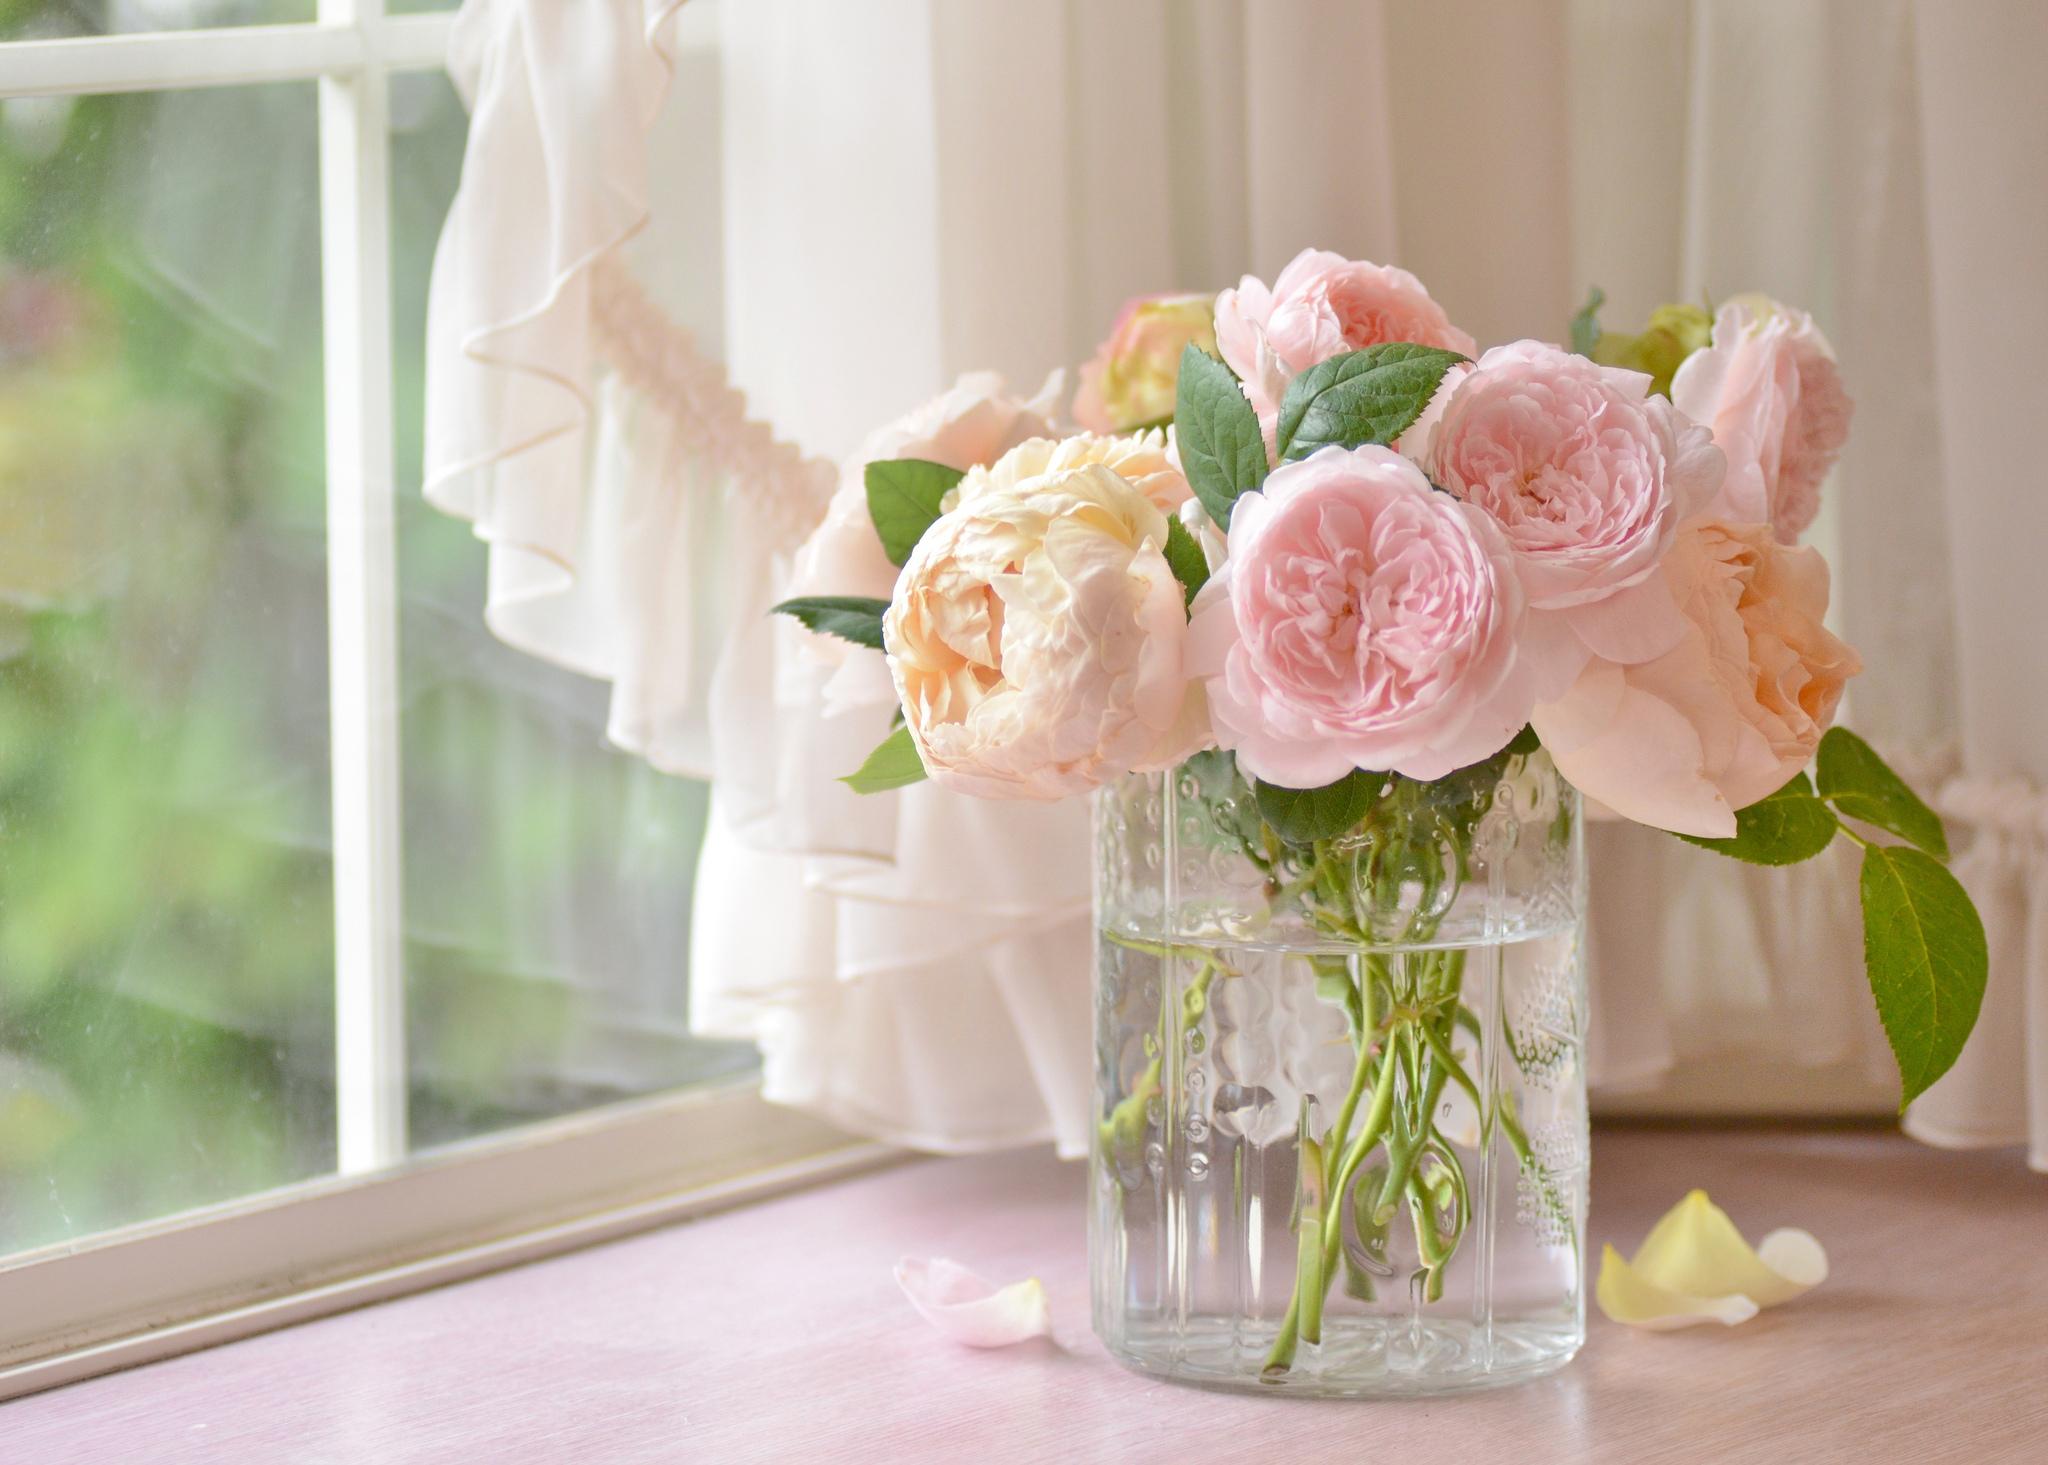 розы цветы ваза  № 1332640 без смс